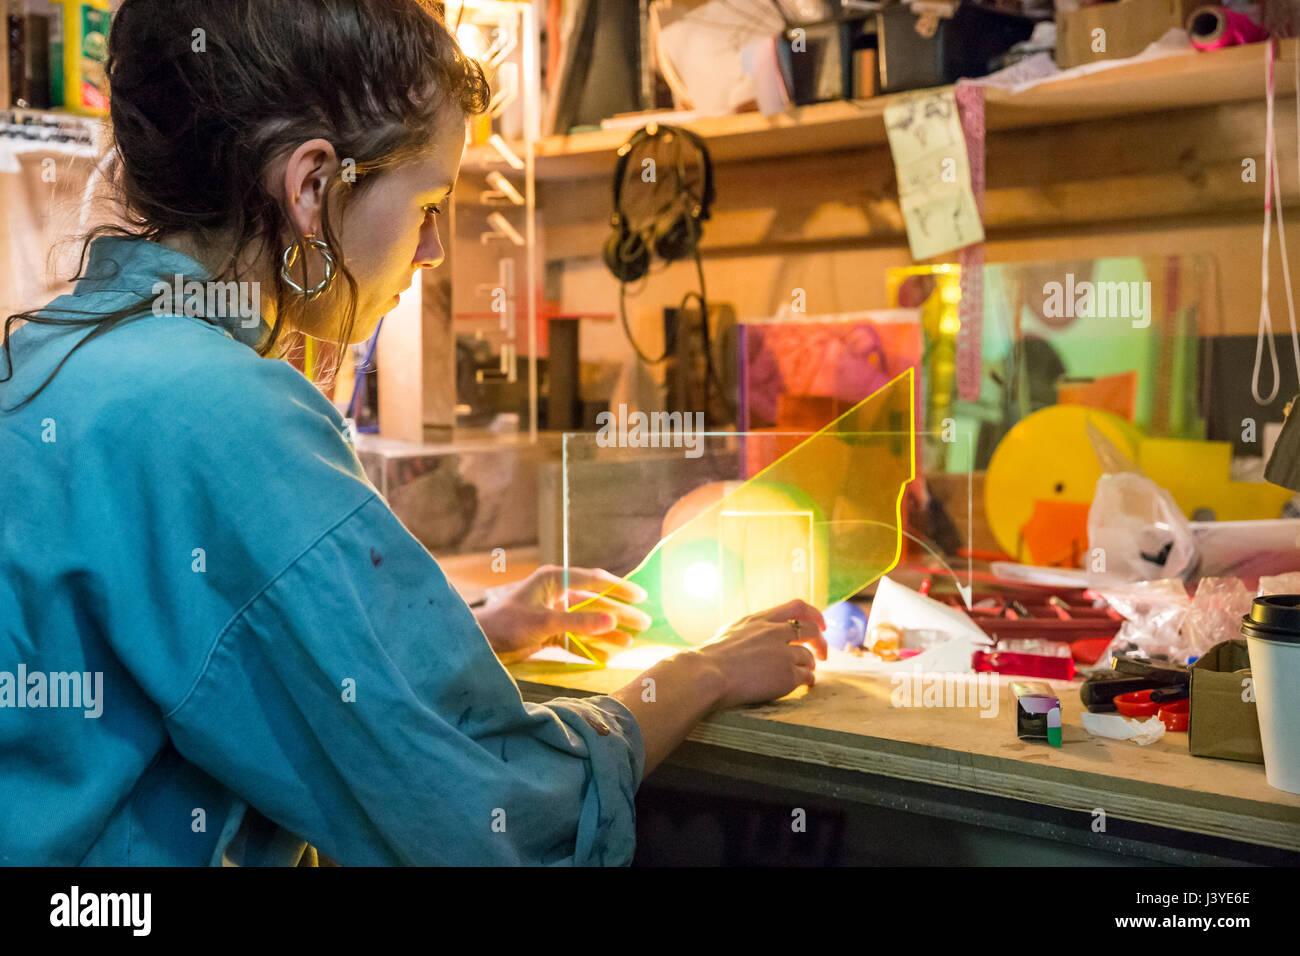 Junge Frau betrachten Materialien in einem Handwerksbetrieb Stockbild